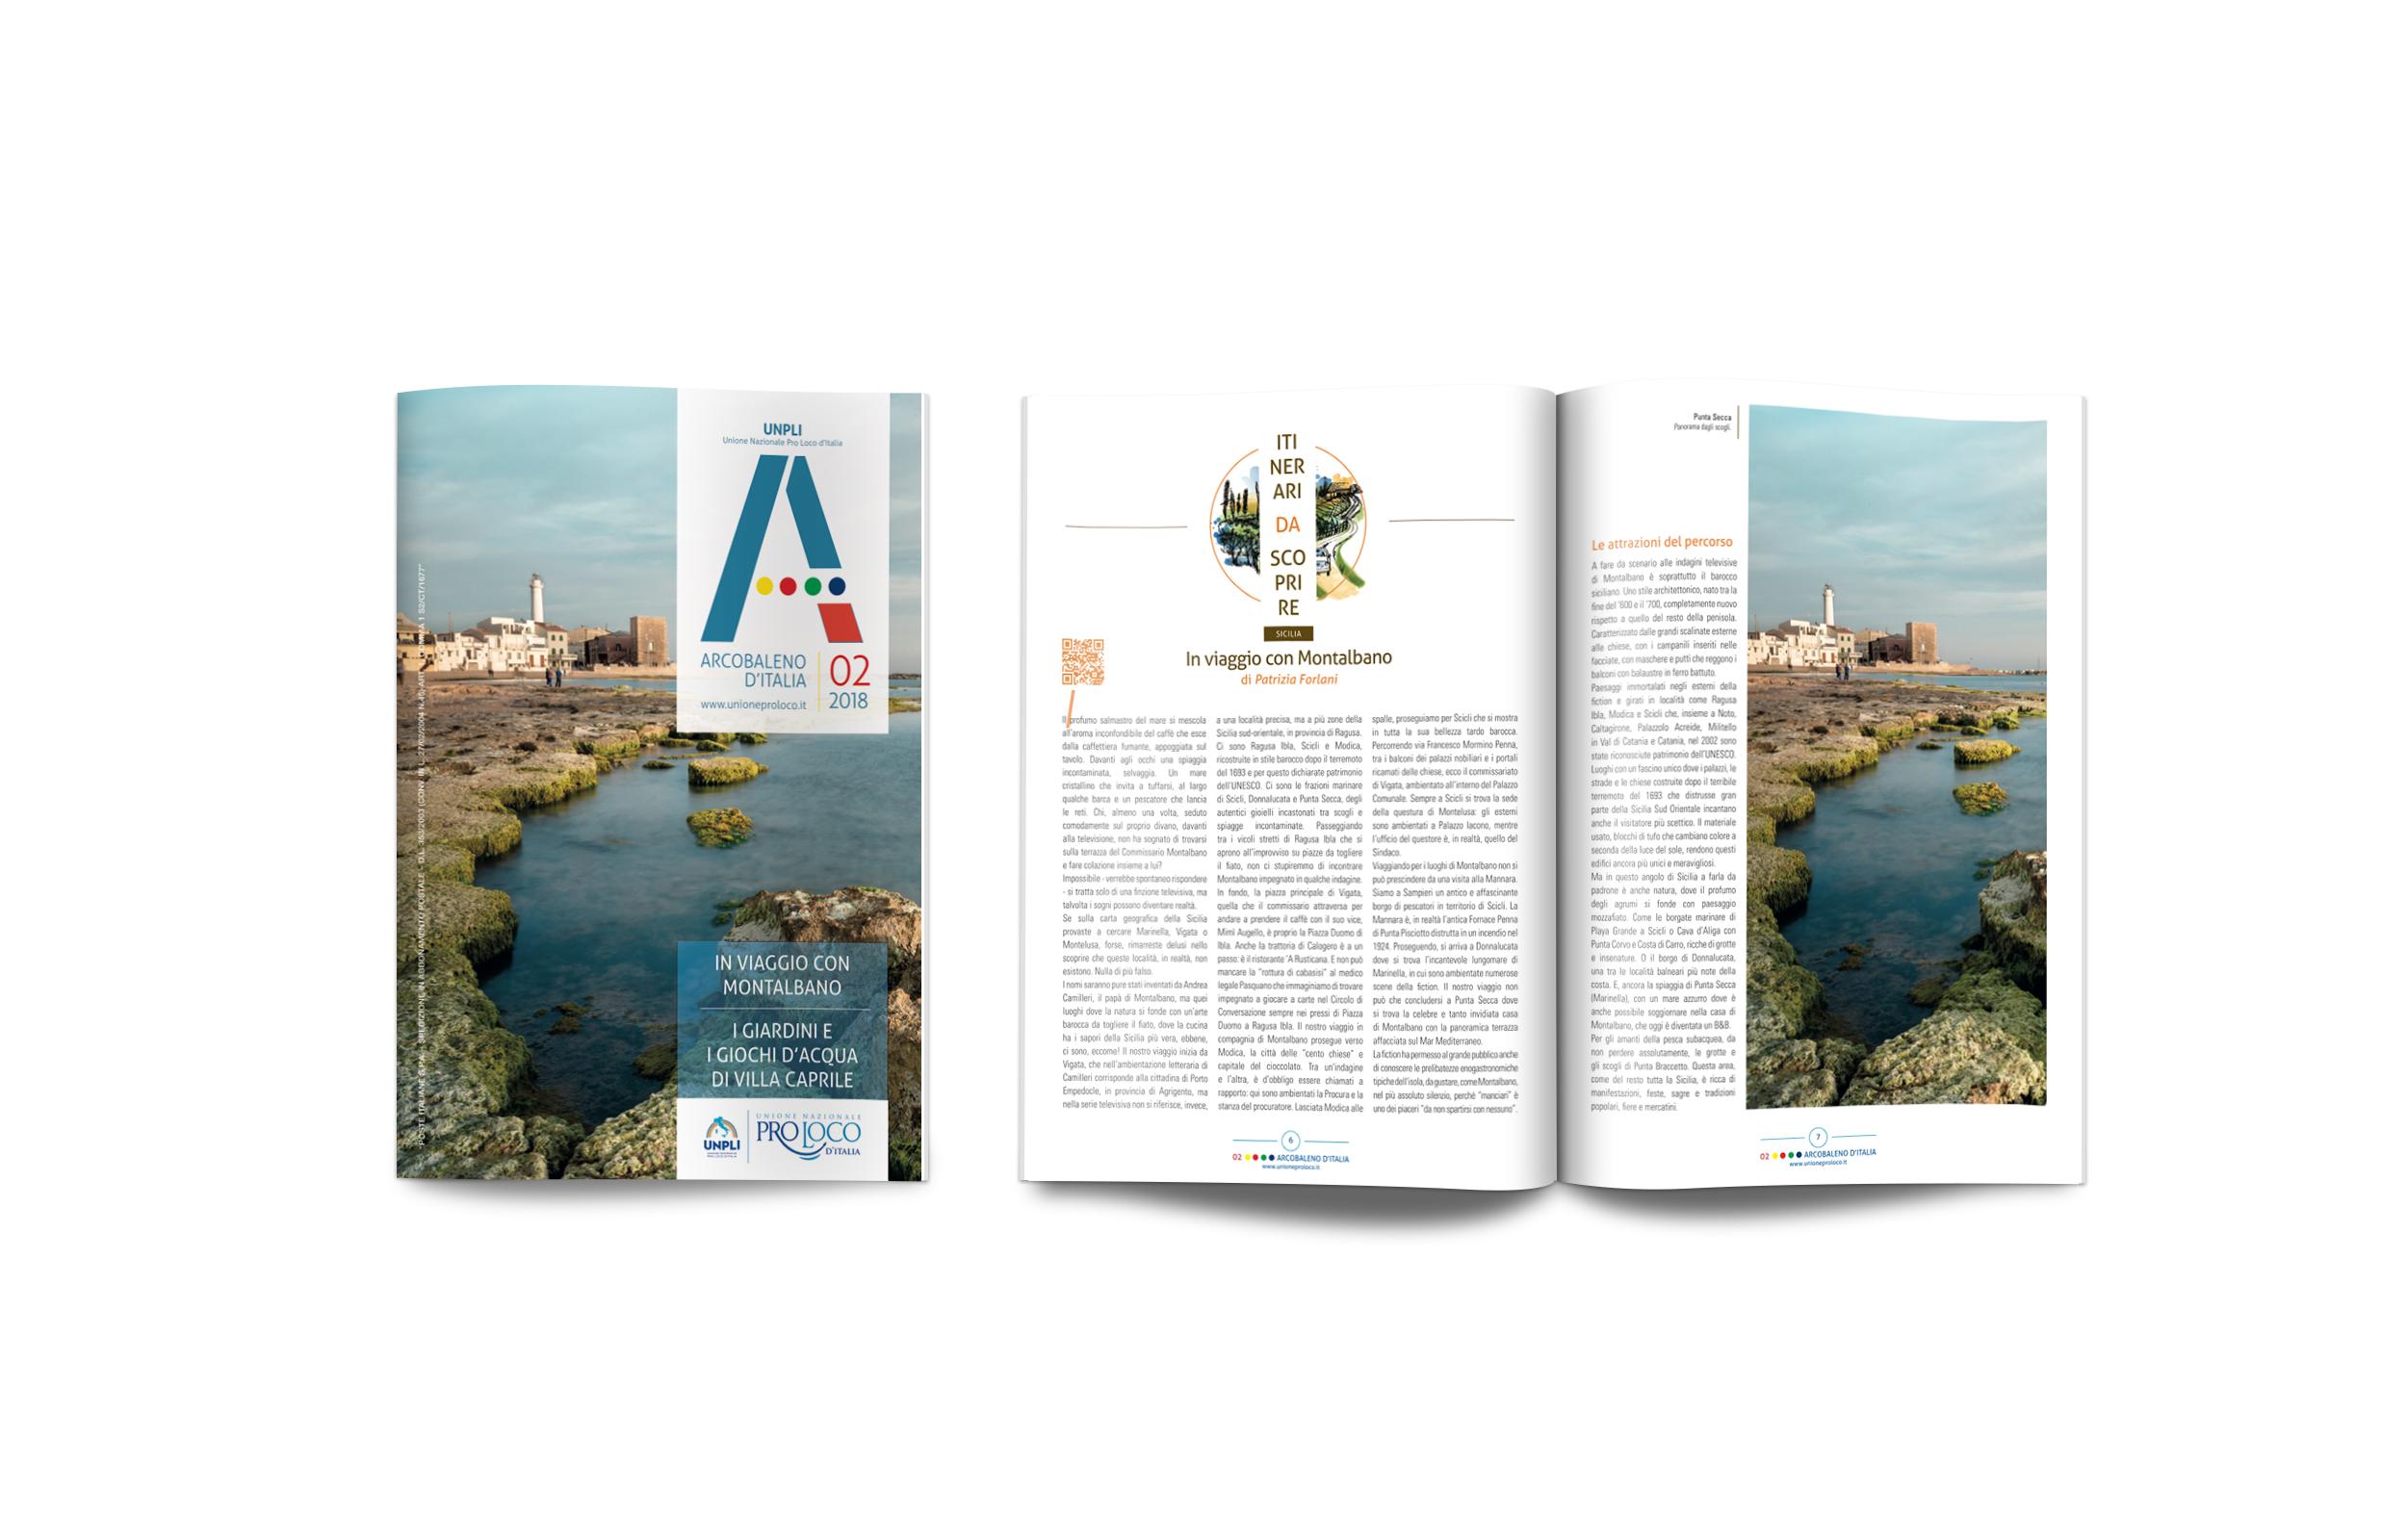 rivista_arcobaleno_d_italia_prtfolio_agenzia_di_comunicazione_signorelli_e_partners